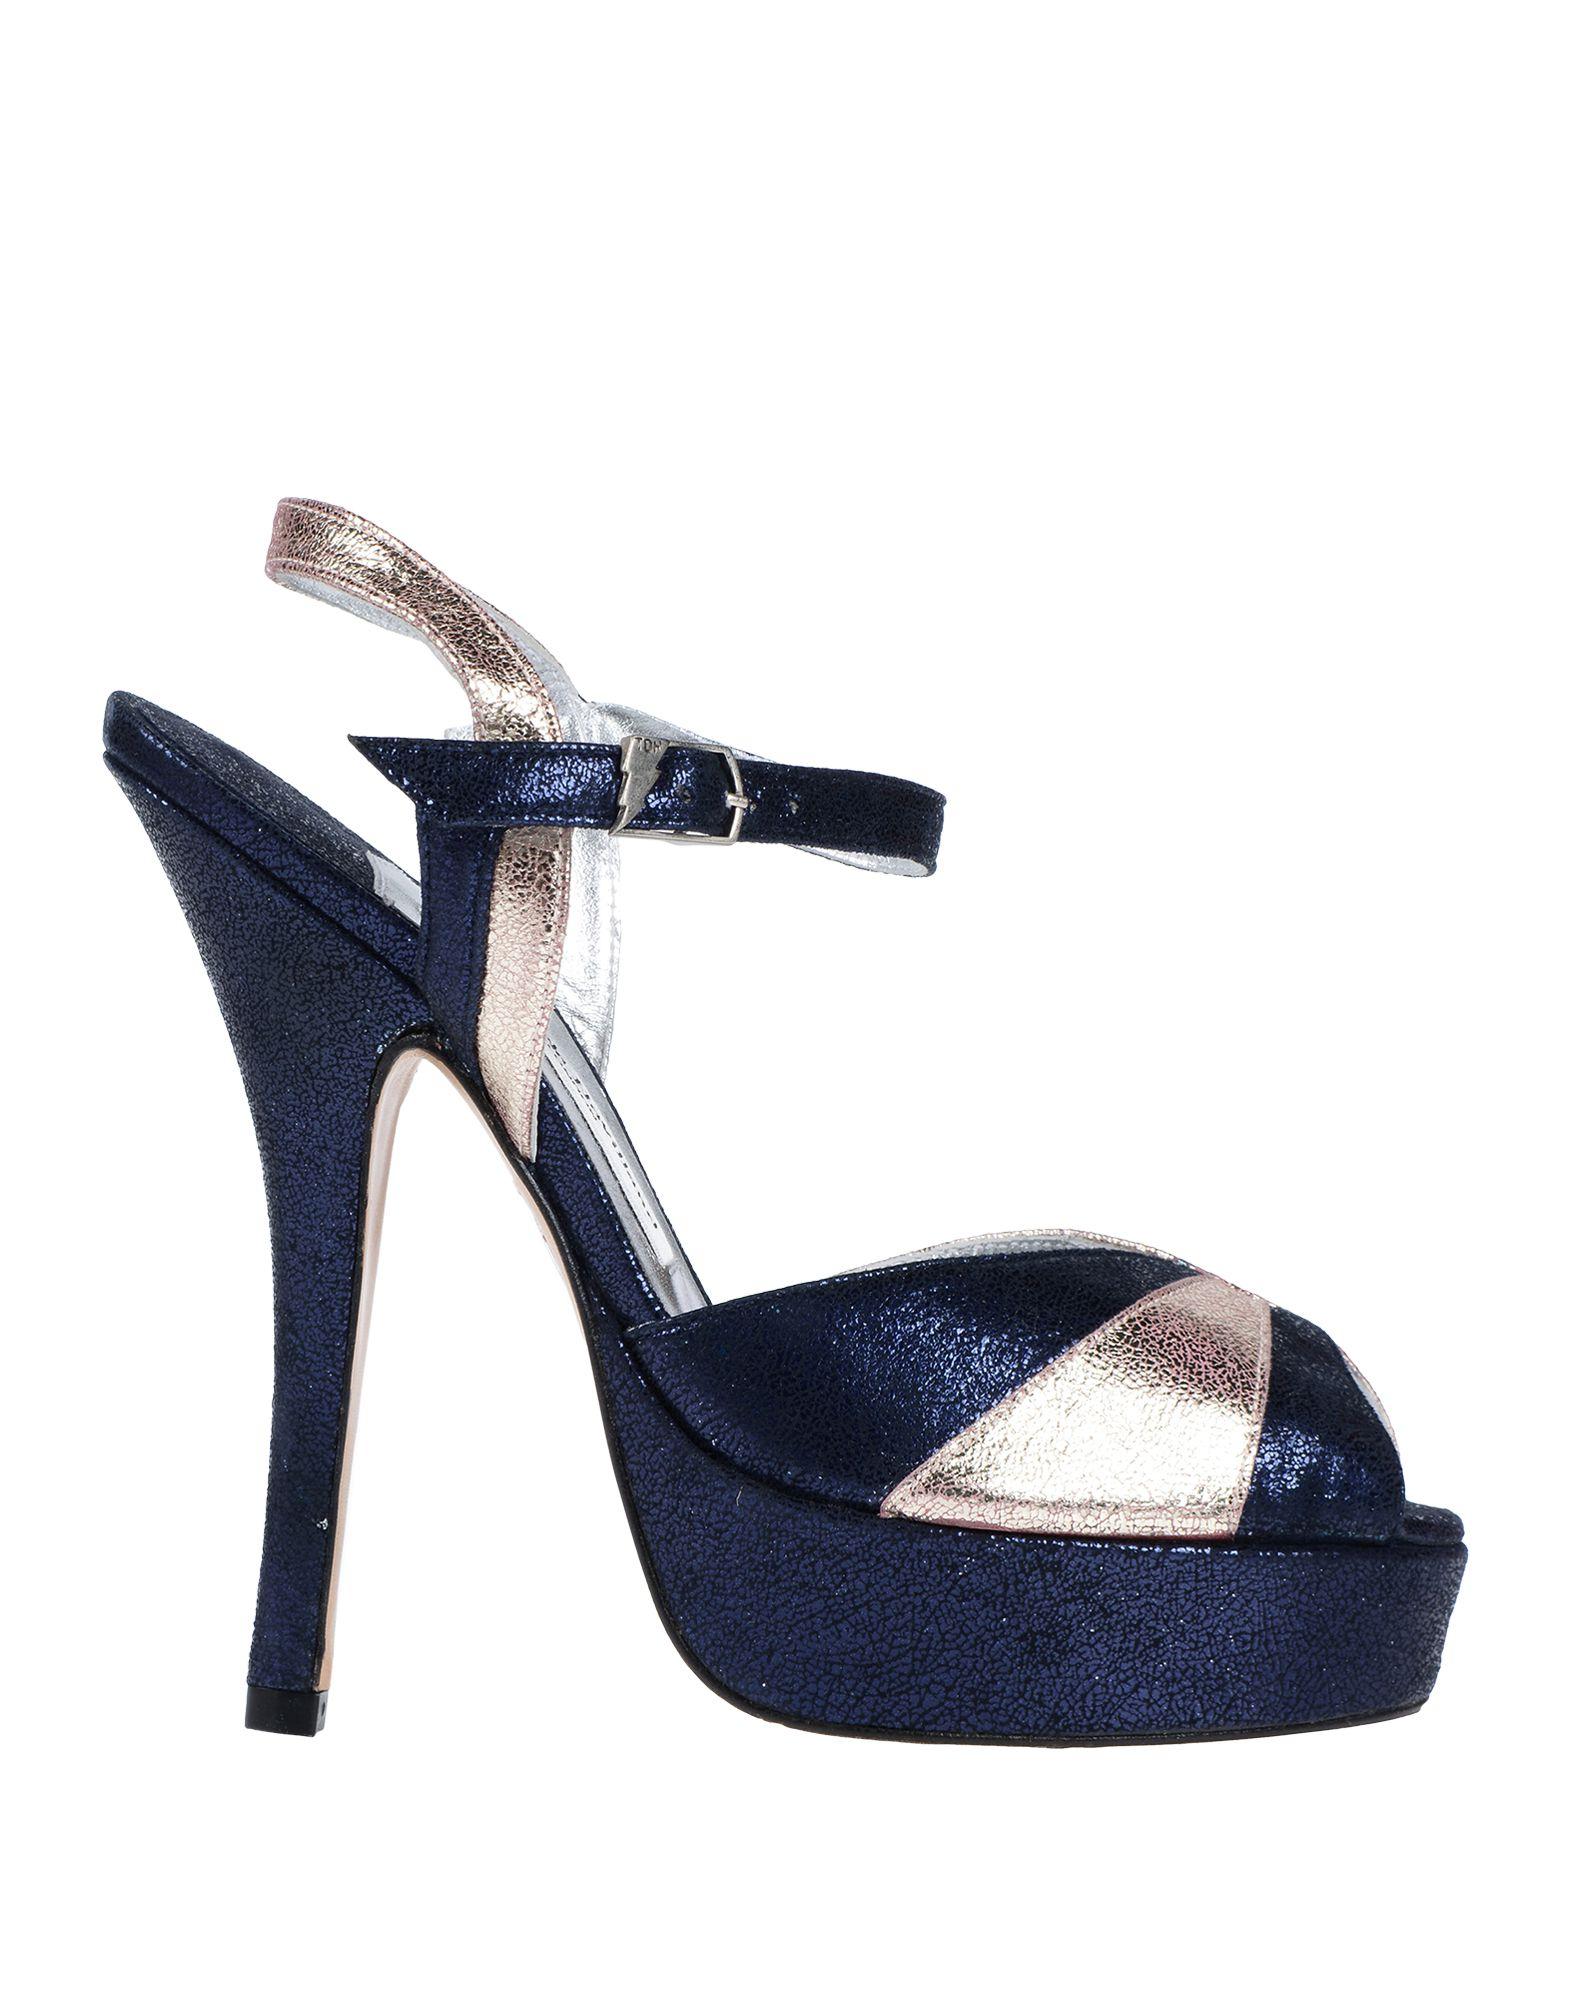 Terry De Havilland Sandals In Dark Blue